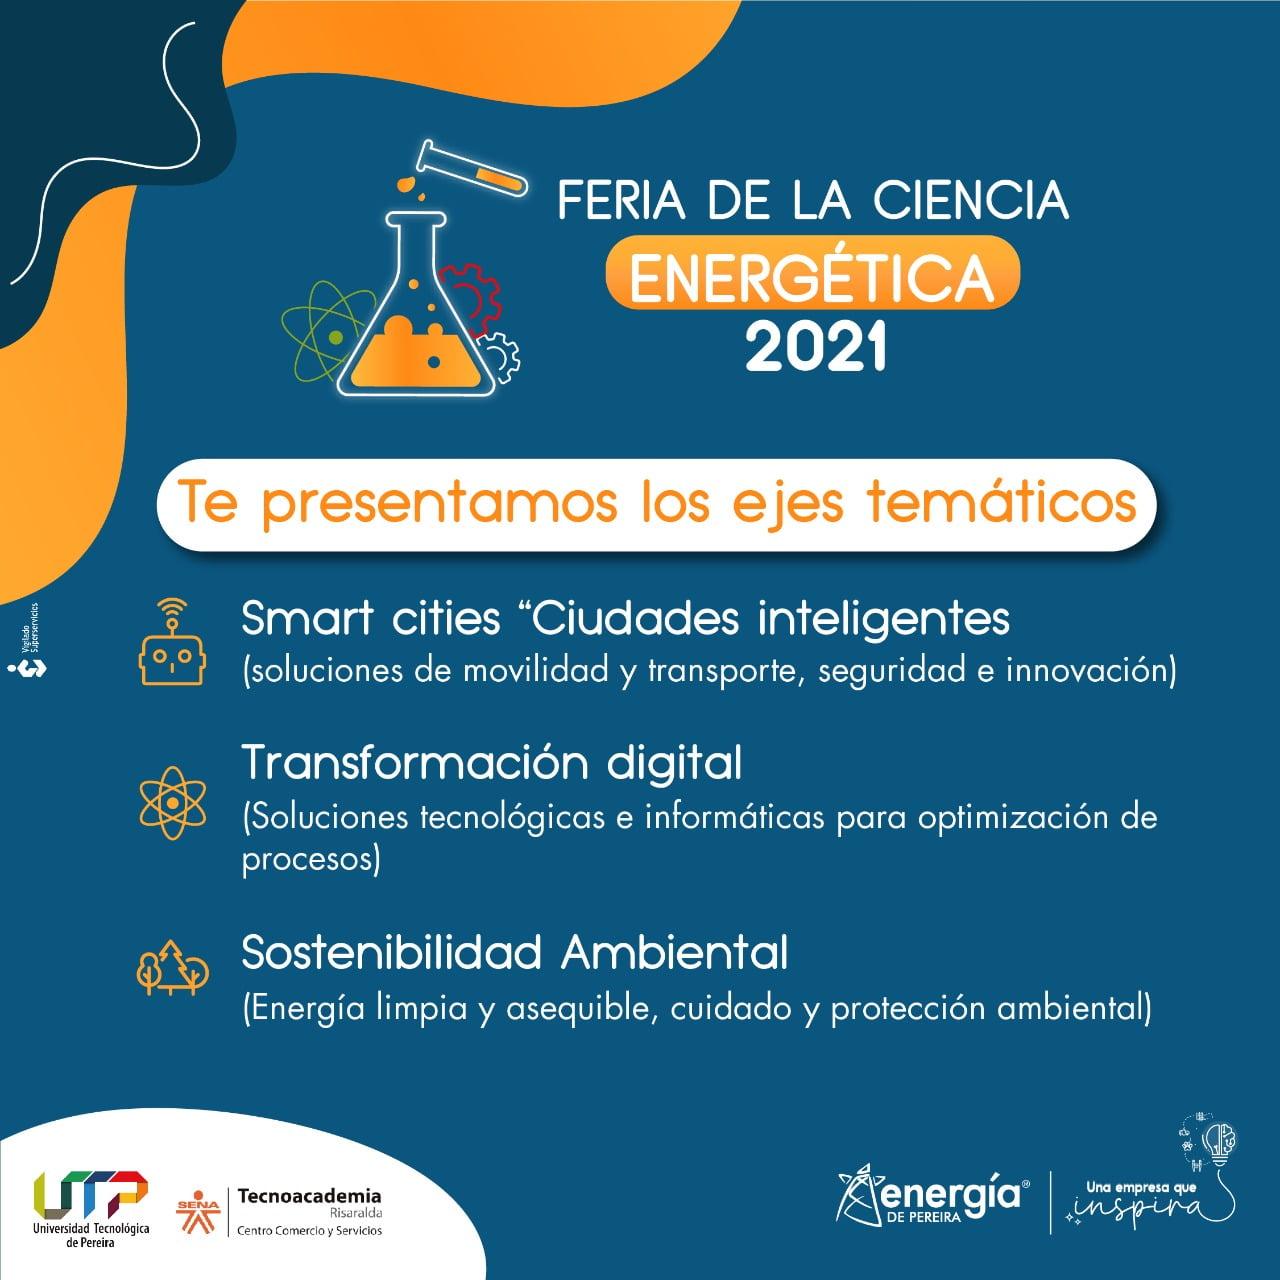 FERIA DE LA CIENCIA ENERGÉTICA 2021